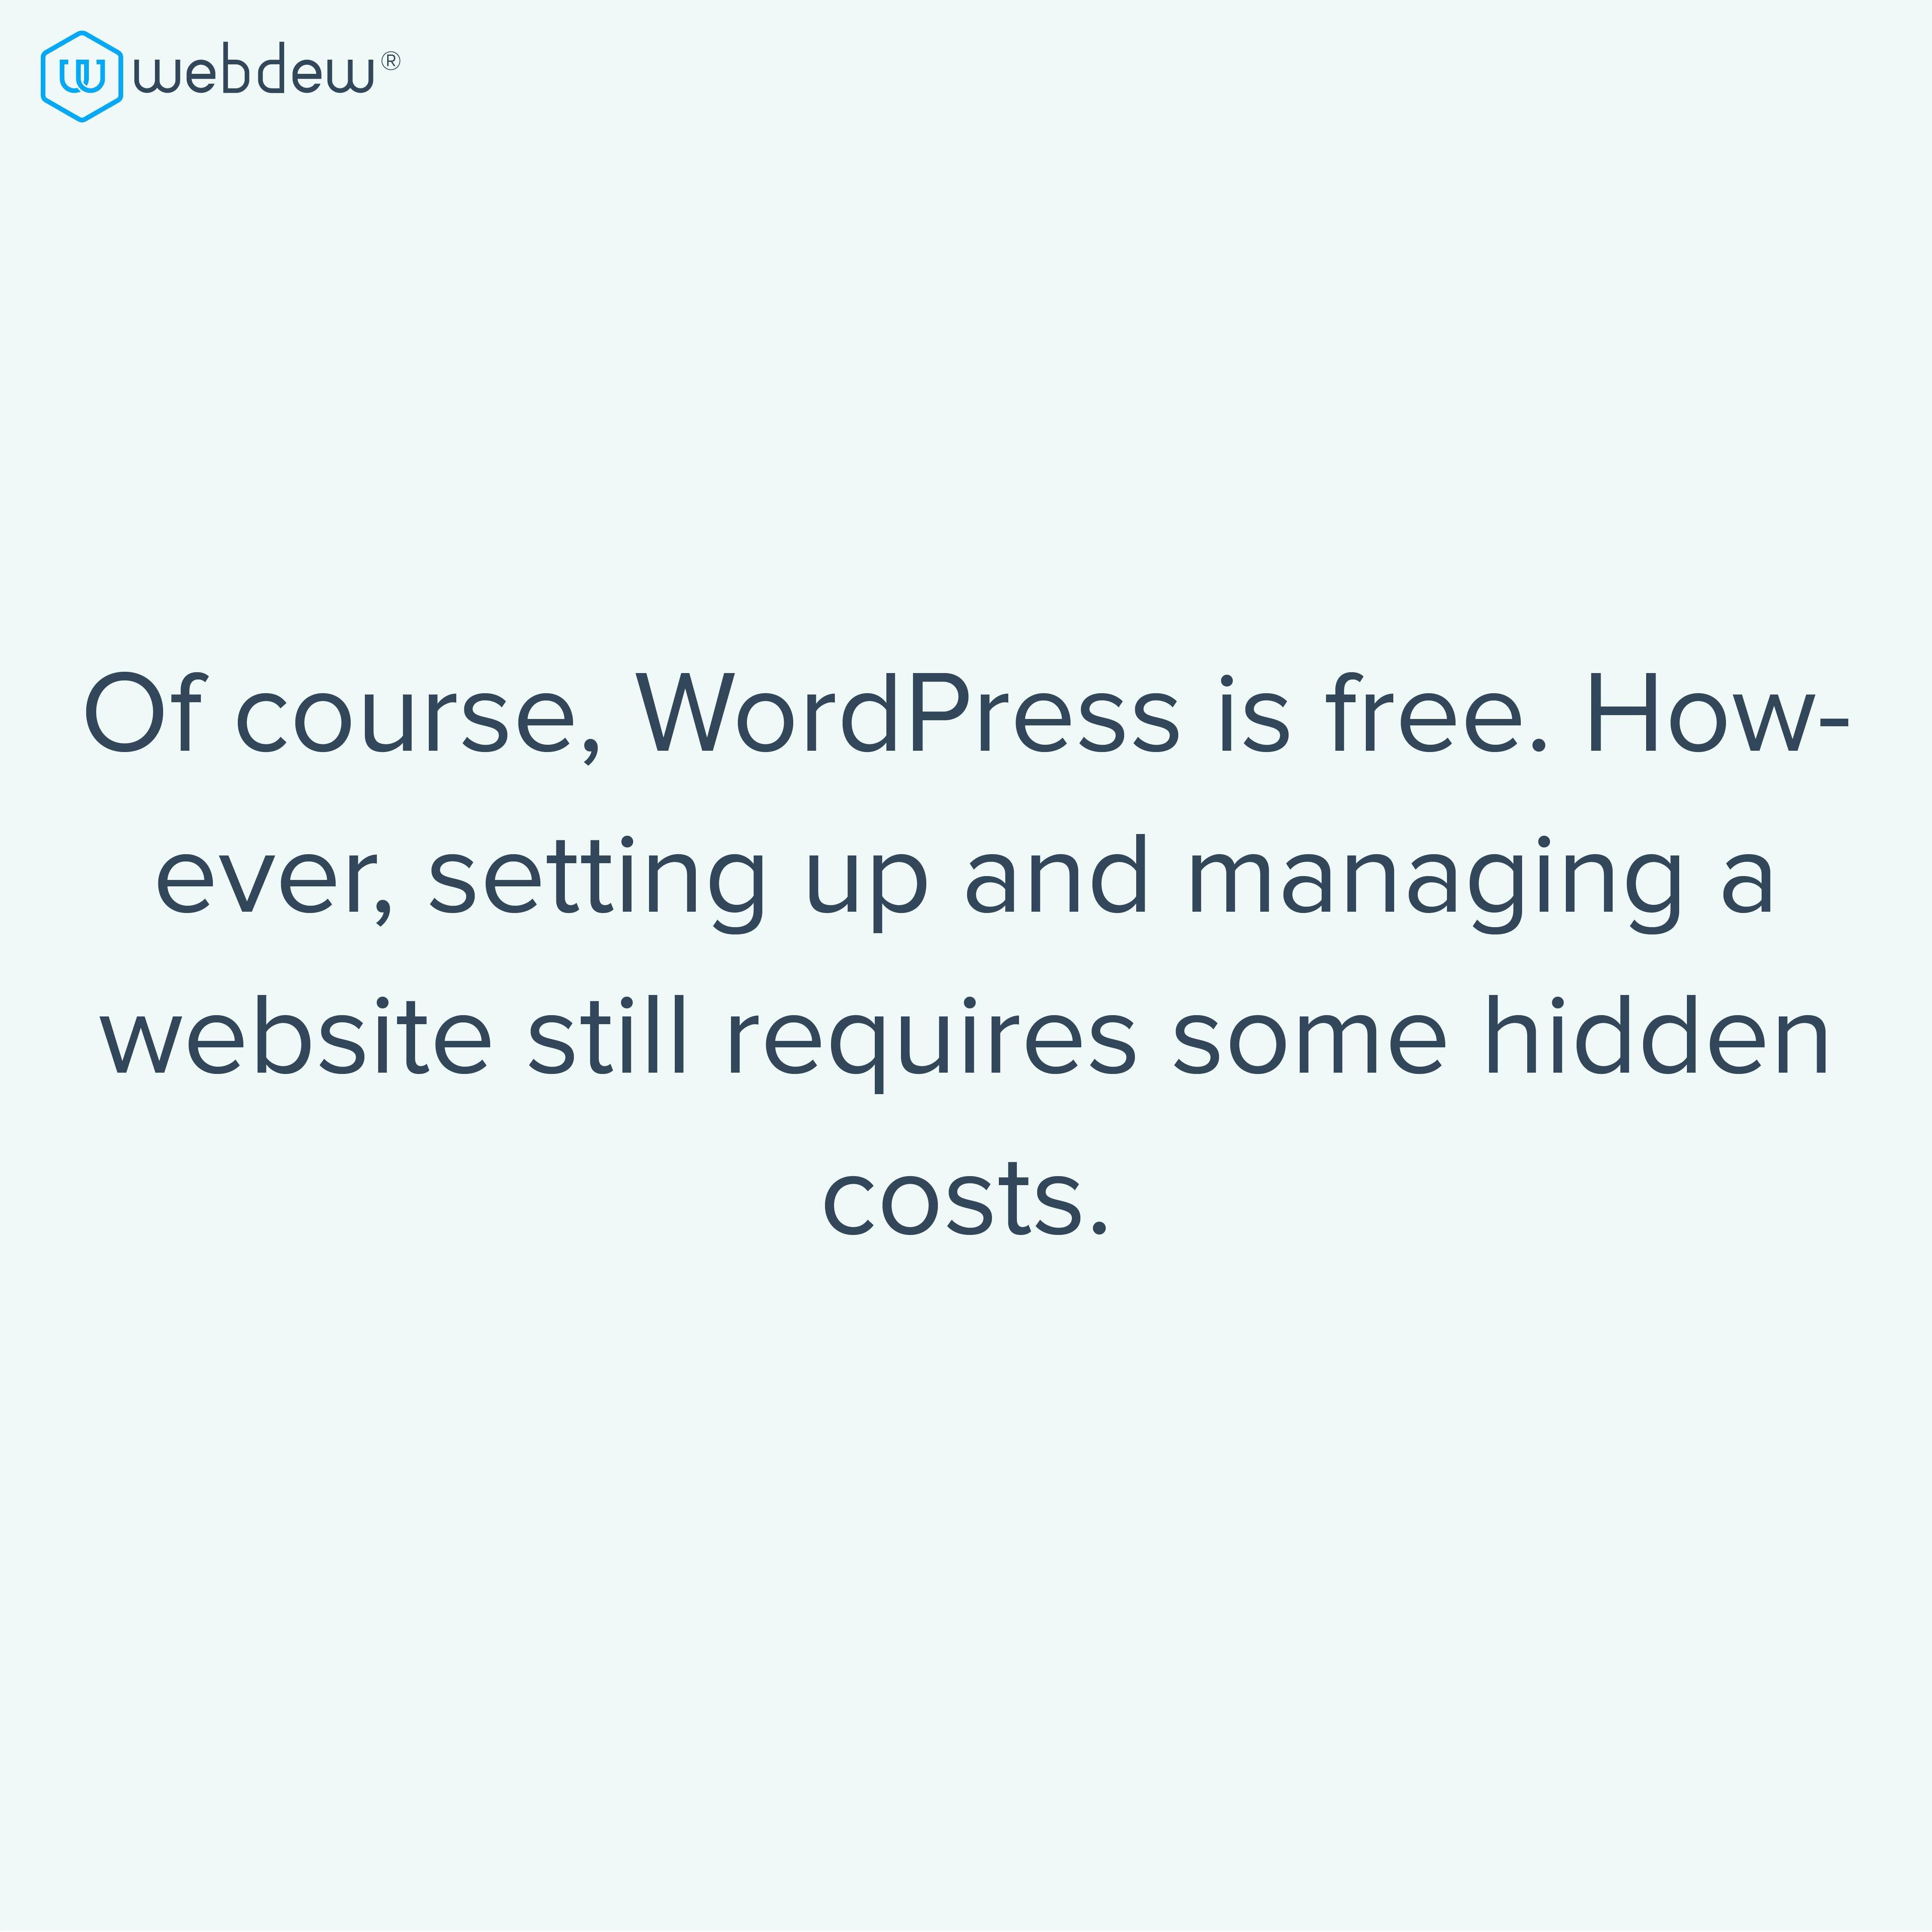 wordpress-pricing-fact